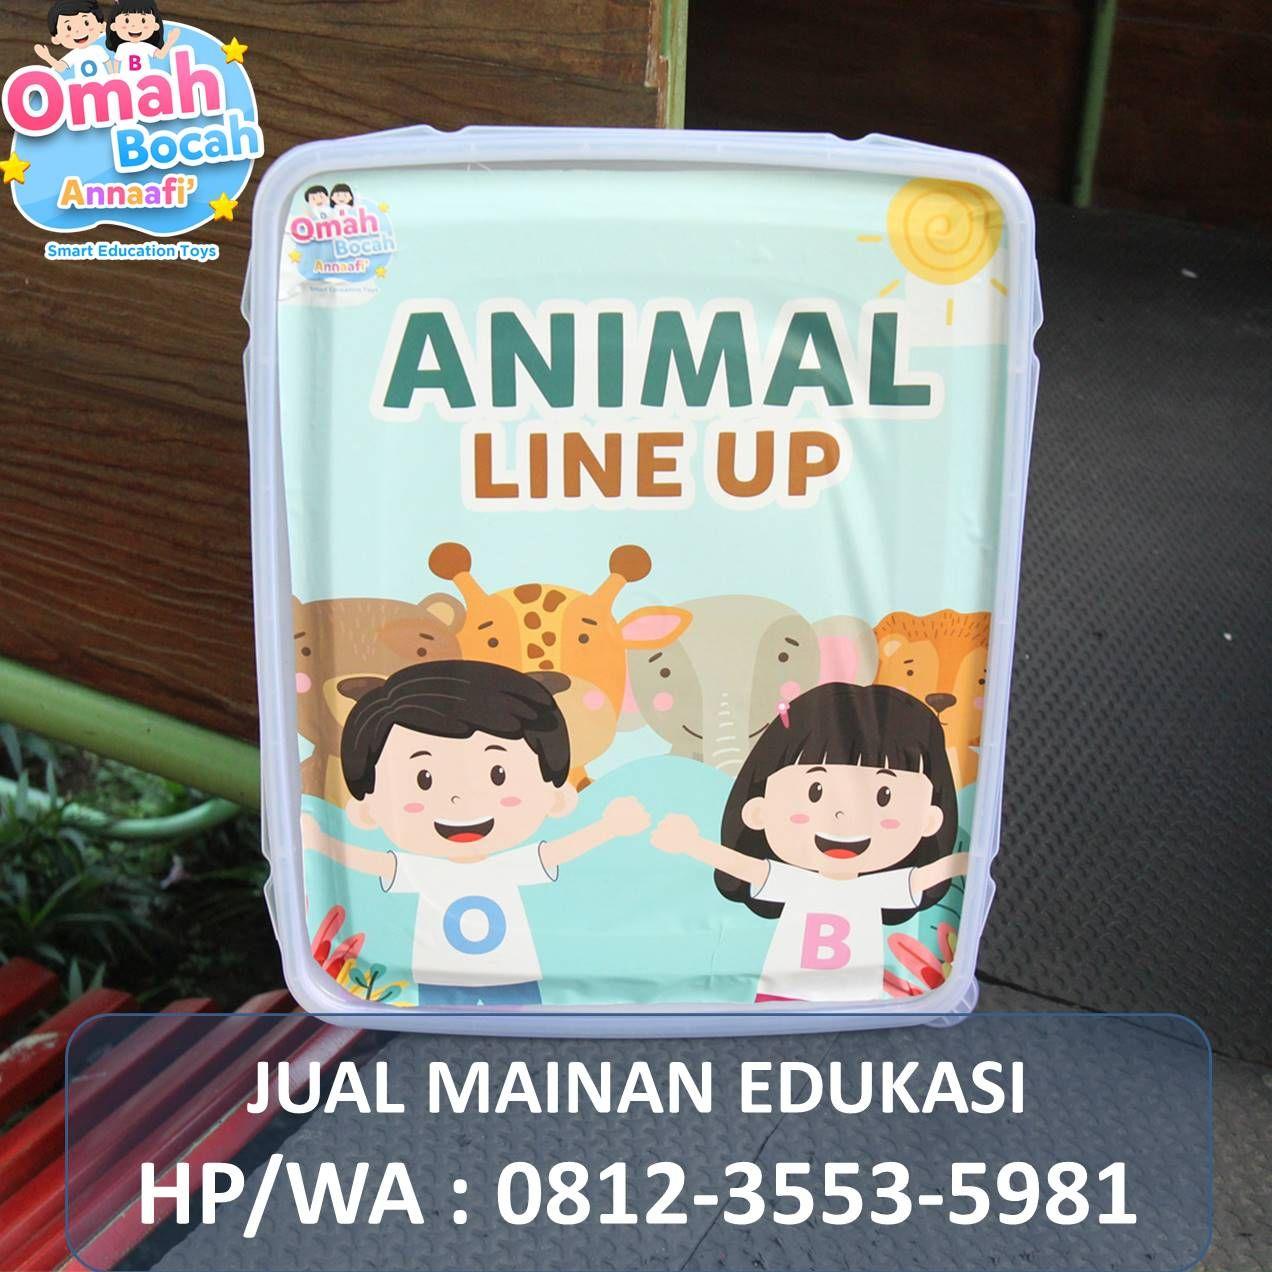 Jual Mainan Edukasi Untuk Anak 2 Tahun Tlp Wa 0812 3553 5981 Omah Bocah Annaafi Malang Di 2020 Mainan Mainan Anak Bayi 4 Bulan